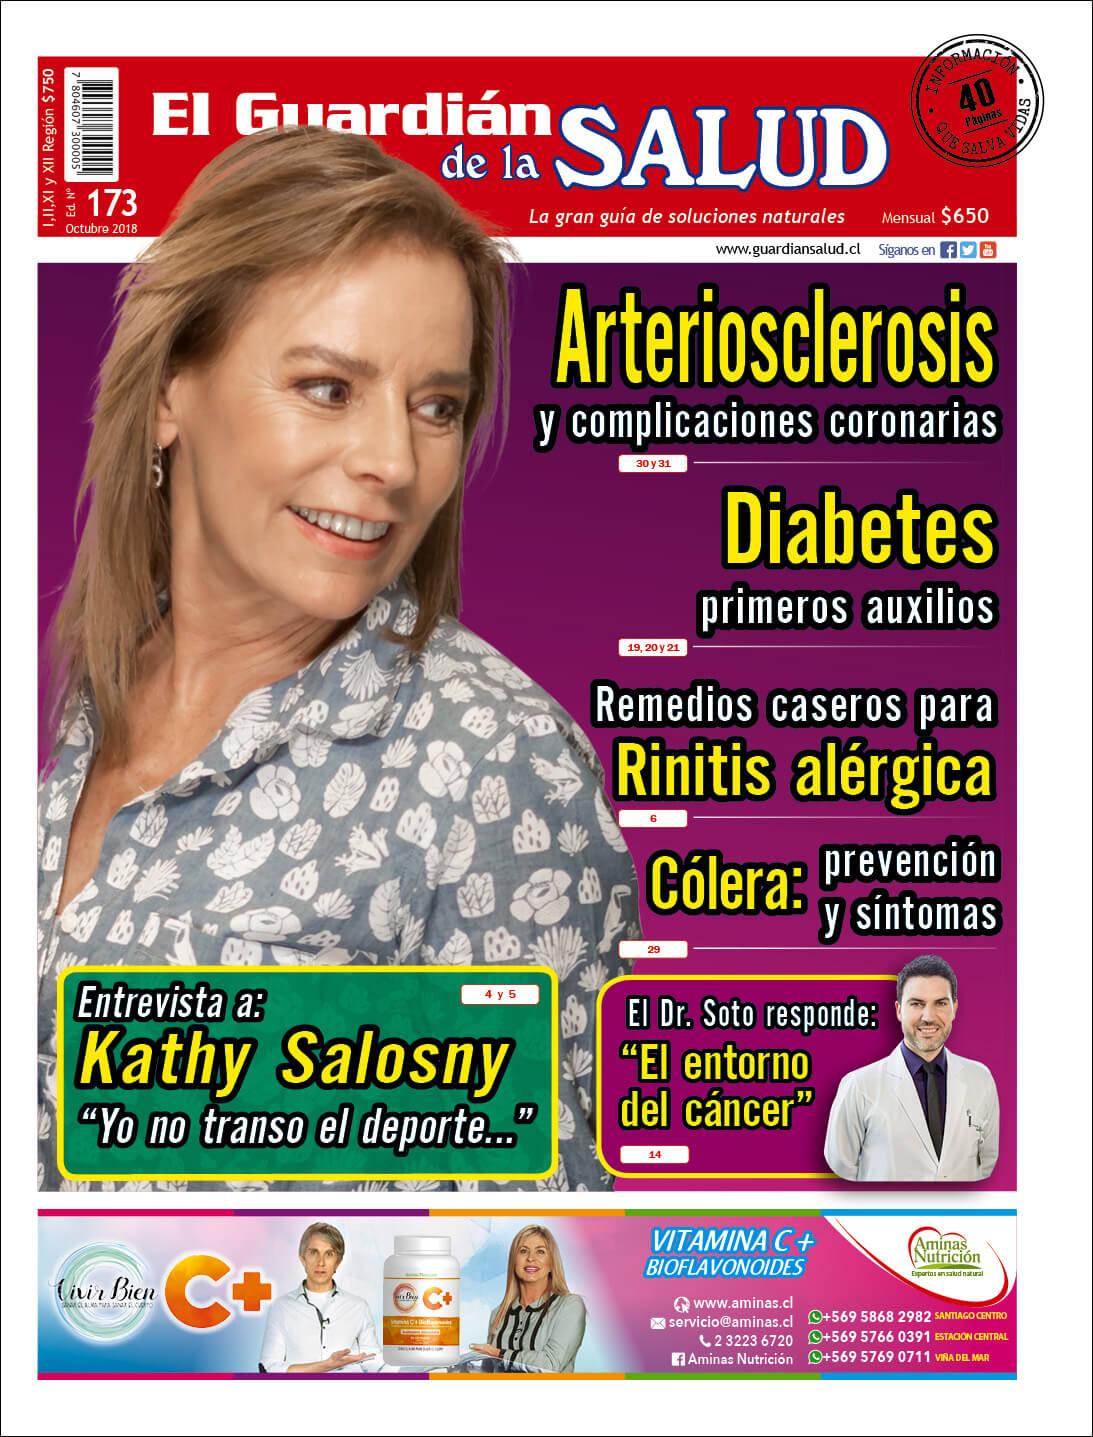 Edición 173 Arteriosclerosis y complicaciones coronarias – El Guardián de la Salud Digital